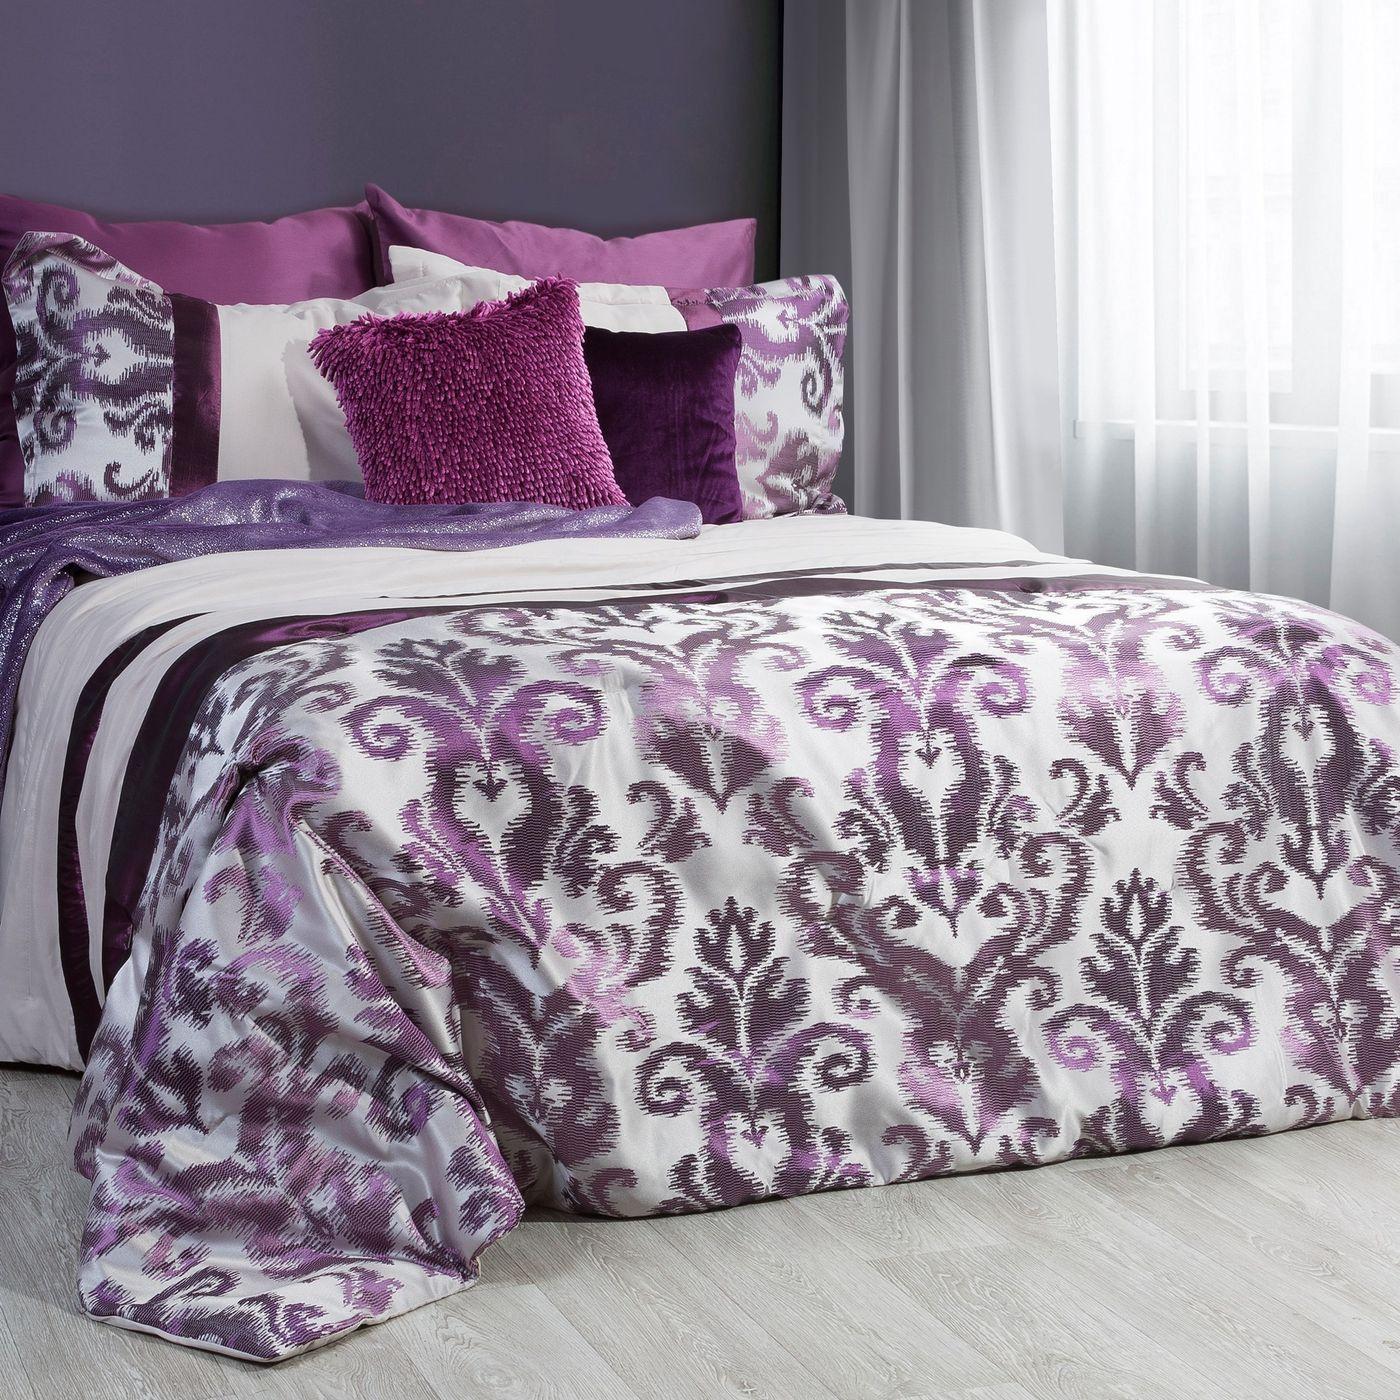 Narzuta + poszewka ornament fiolet brąz 170 x 210 cm, 1